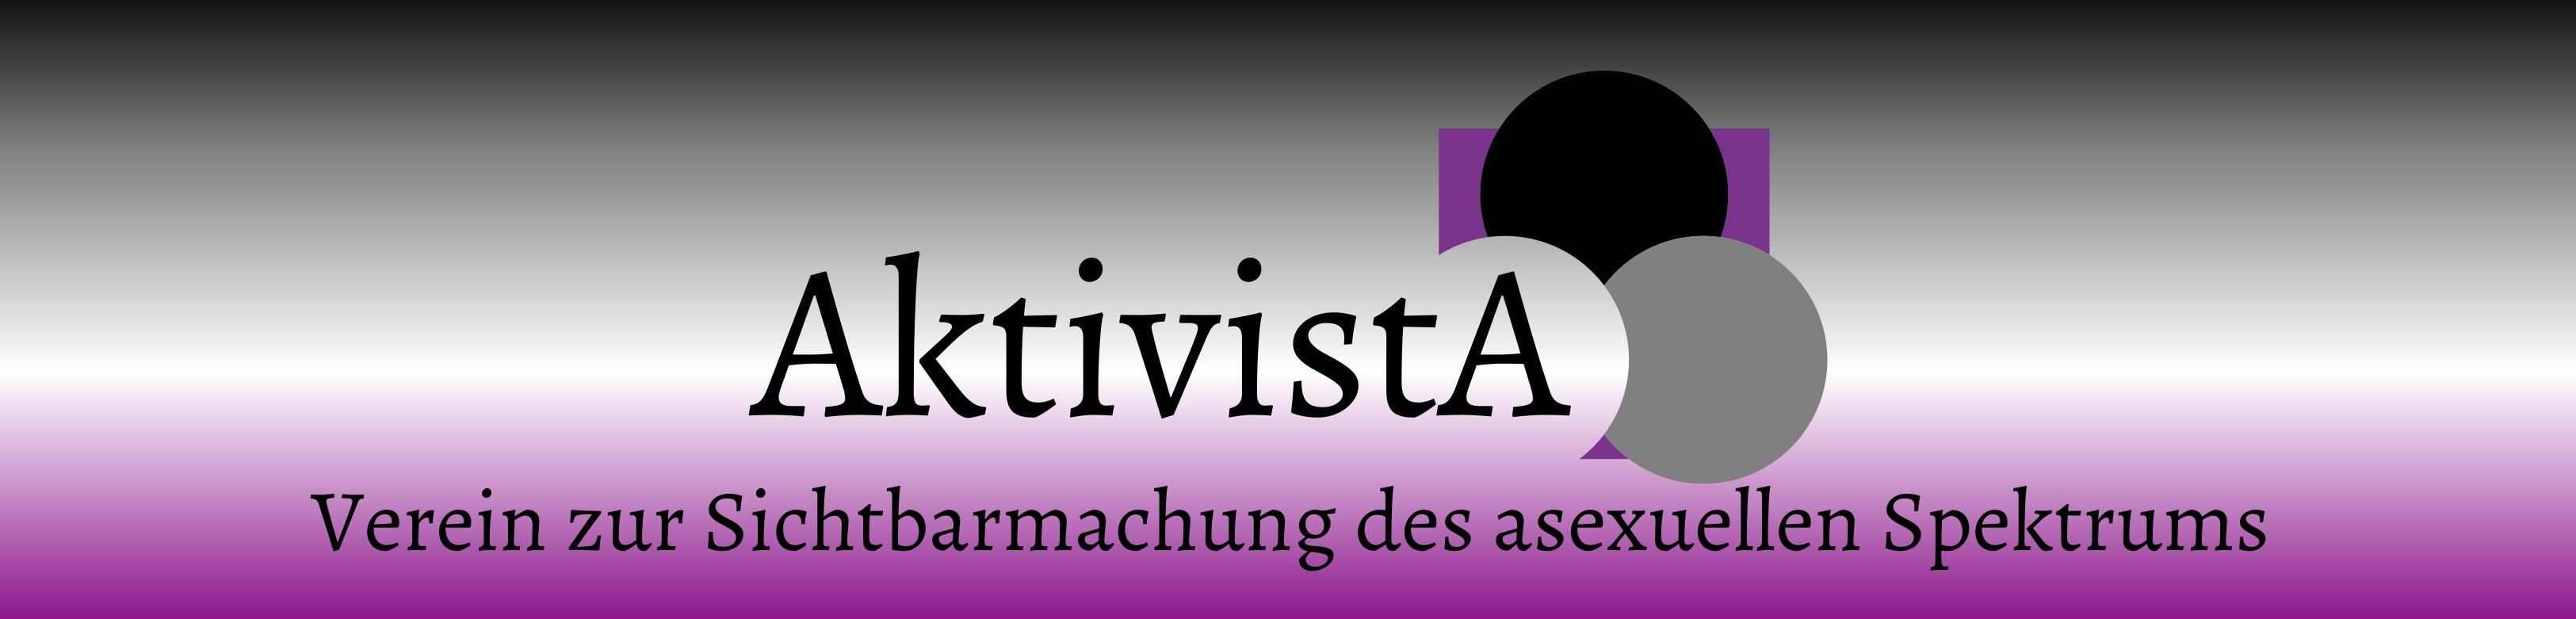 20190203_yh_header_aktivista.net